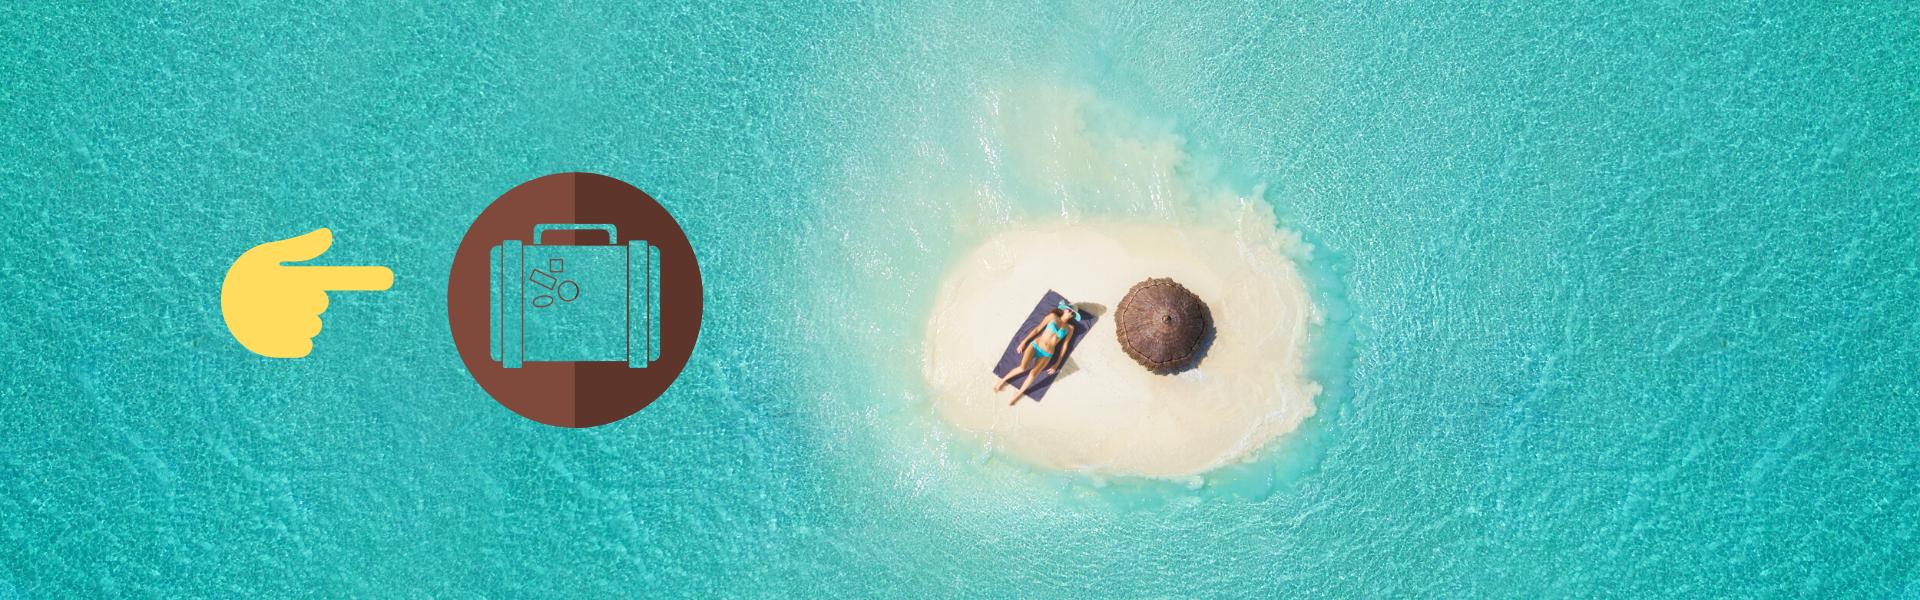 Isla maldiva